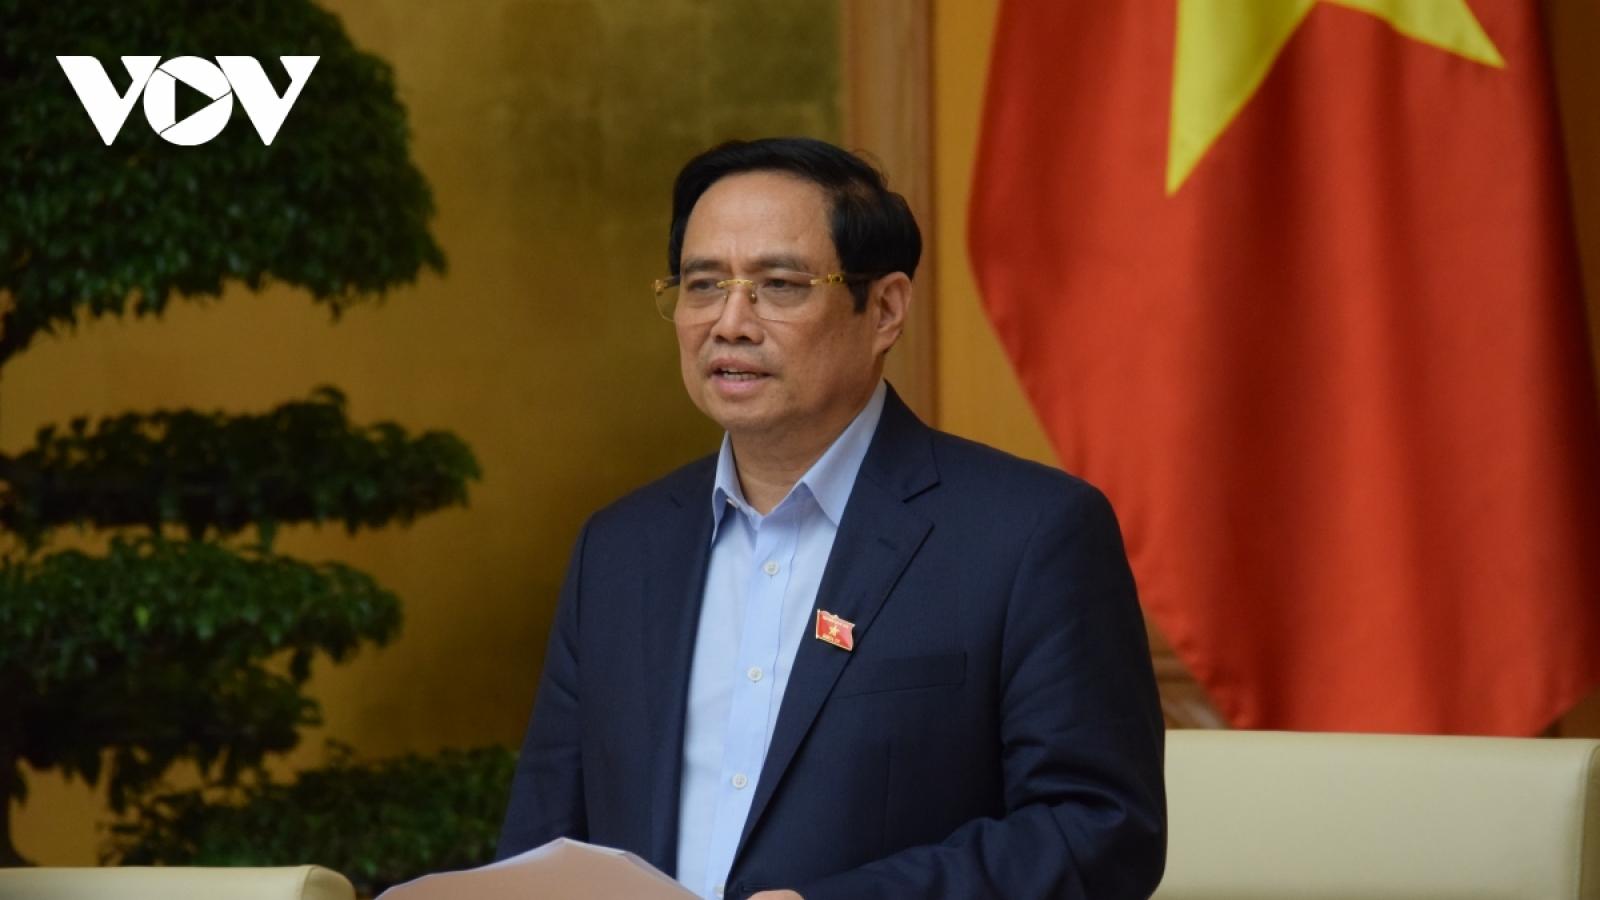 Hoa Kỳ sẽ tiếp tục hỗ trợ Việt Nam sớm tiếp nhận nguồn vaccine